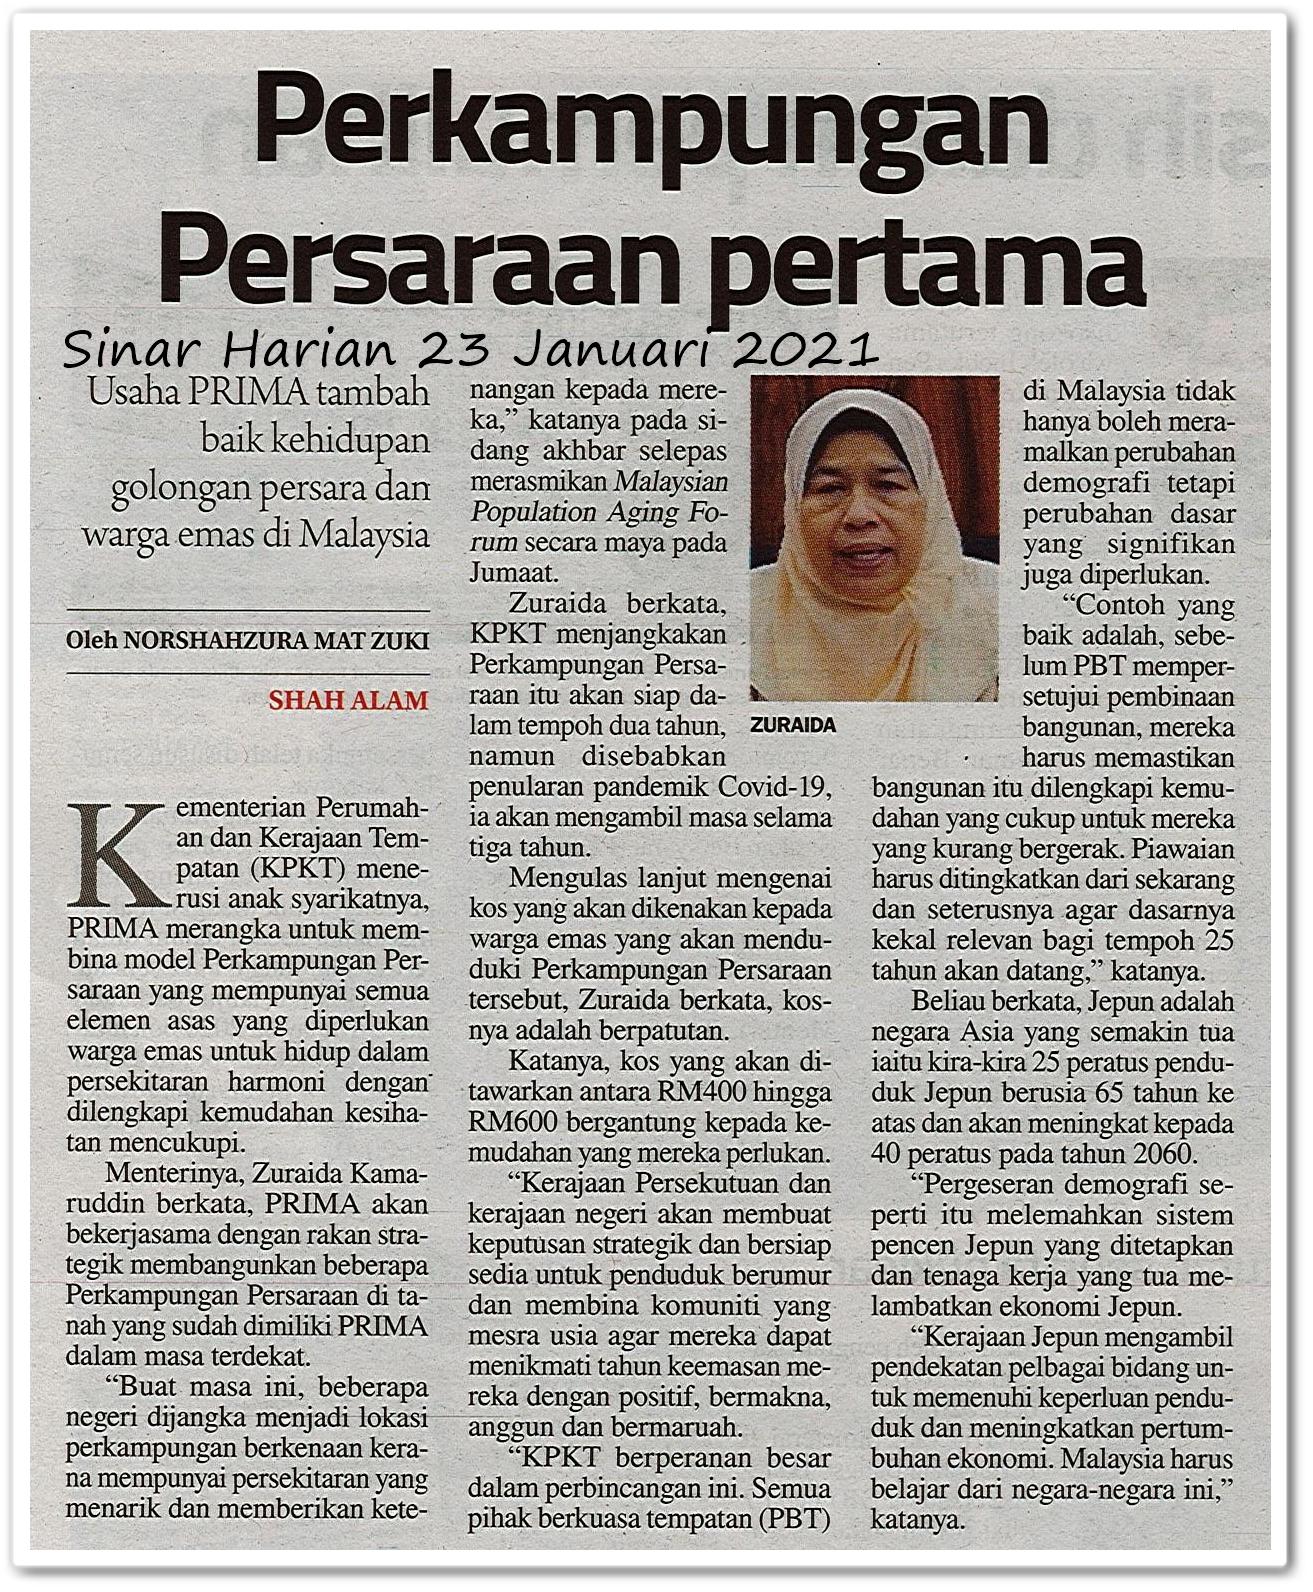 Perkampungan Persaraan pertama - Keratan akhbar Sinar Harian 23 Januari 2021